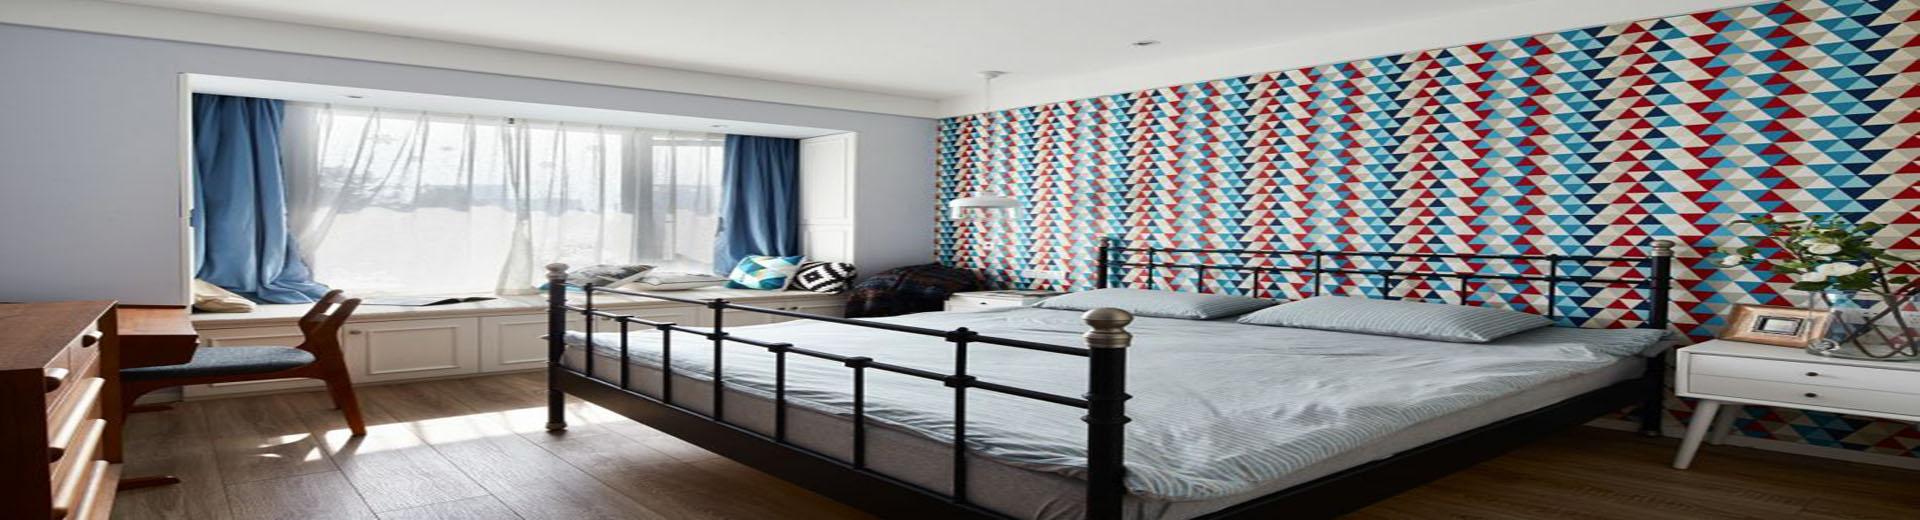 小戶型室內裝修效果圖大全,現代簡約的裝修風格,總有一款適合您